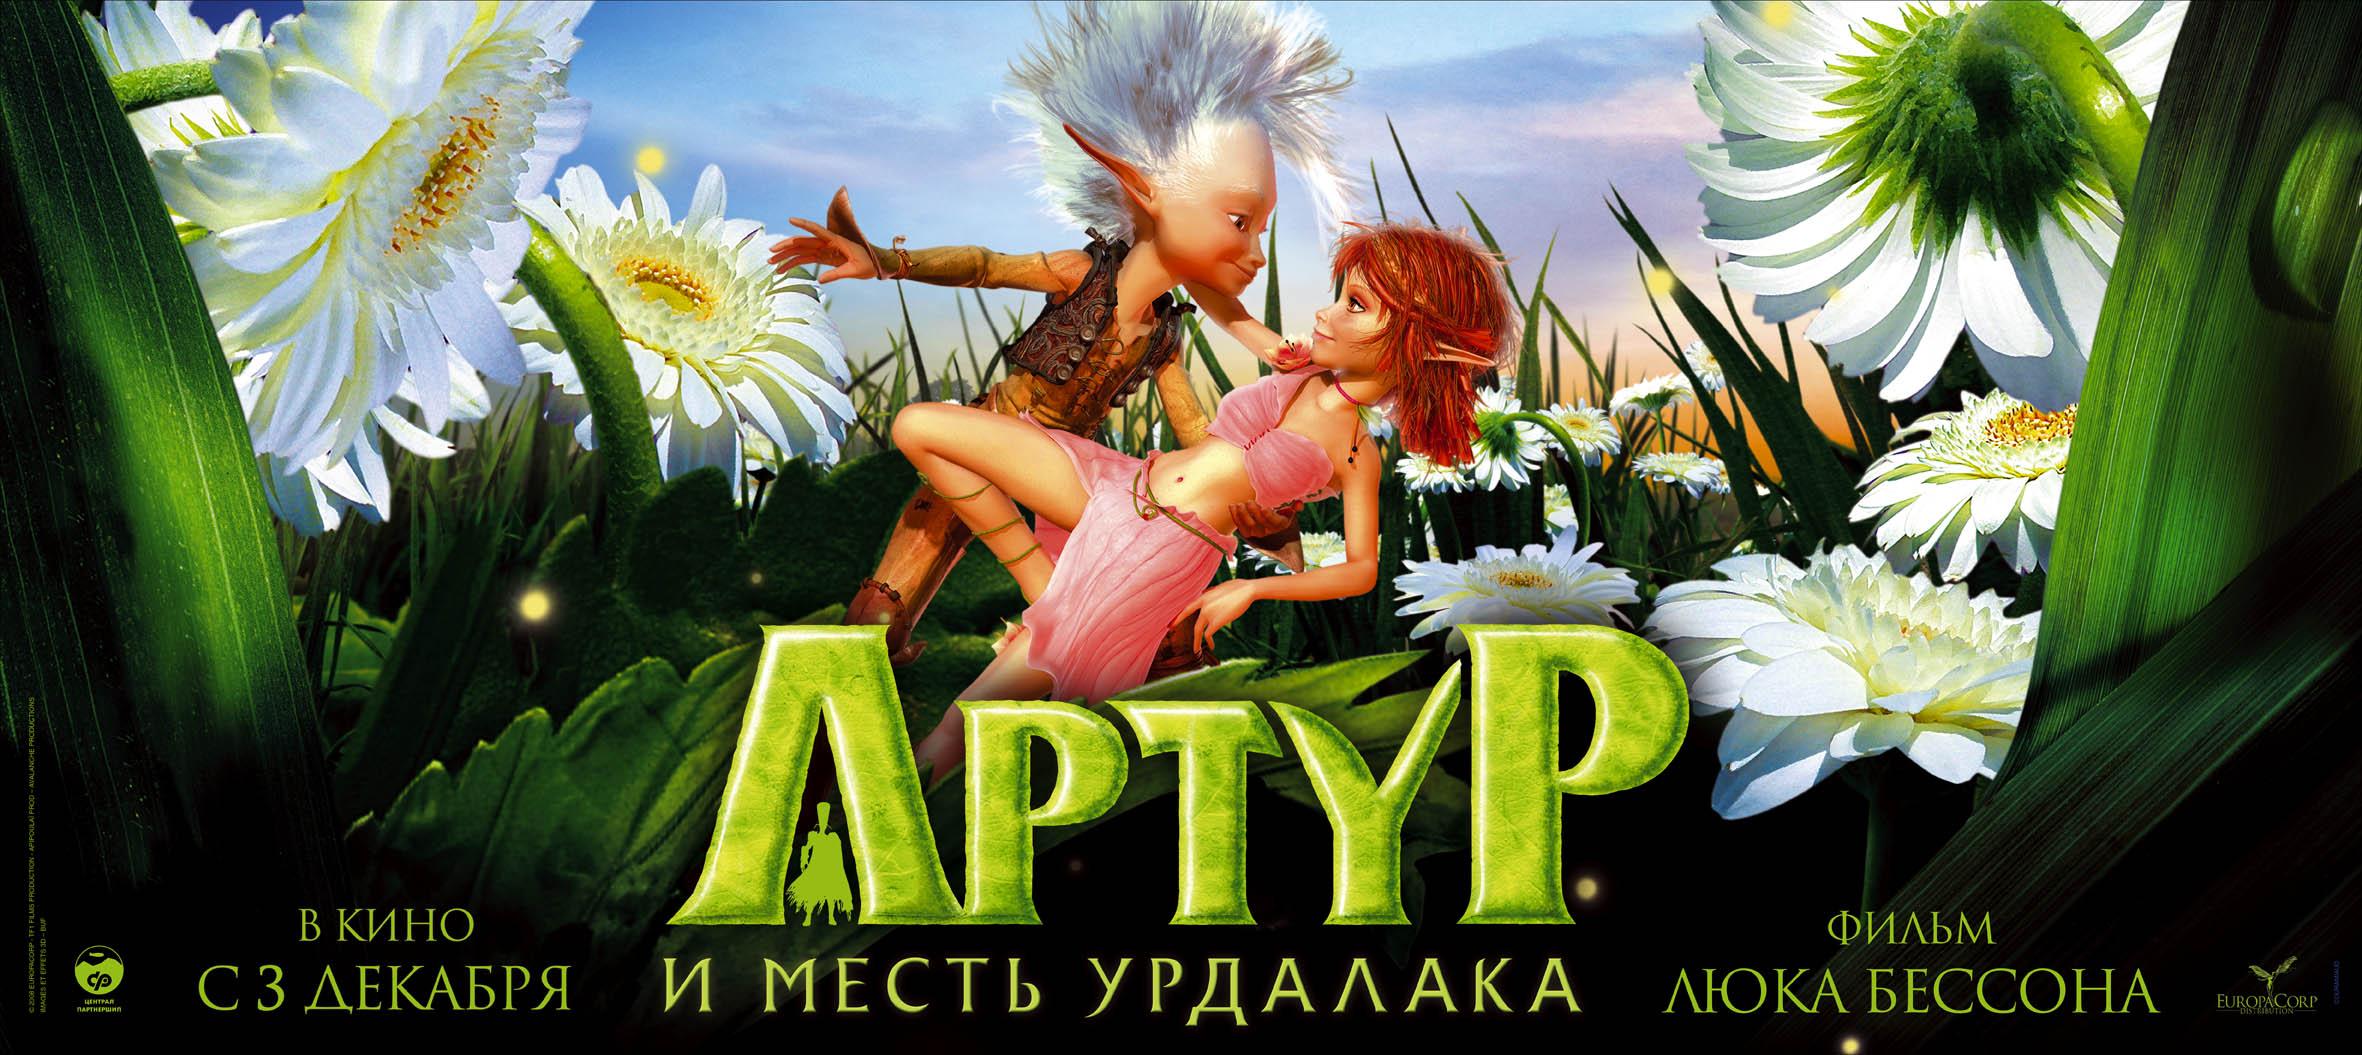 «Артур И Месть Урдалака» — 2009